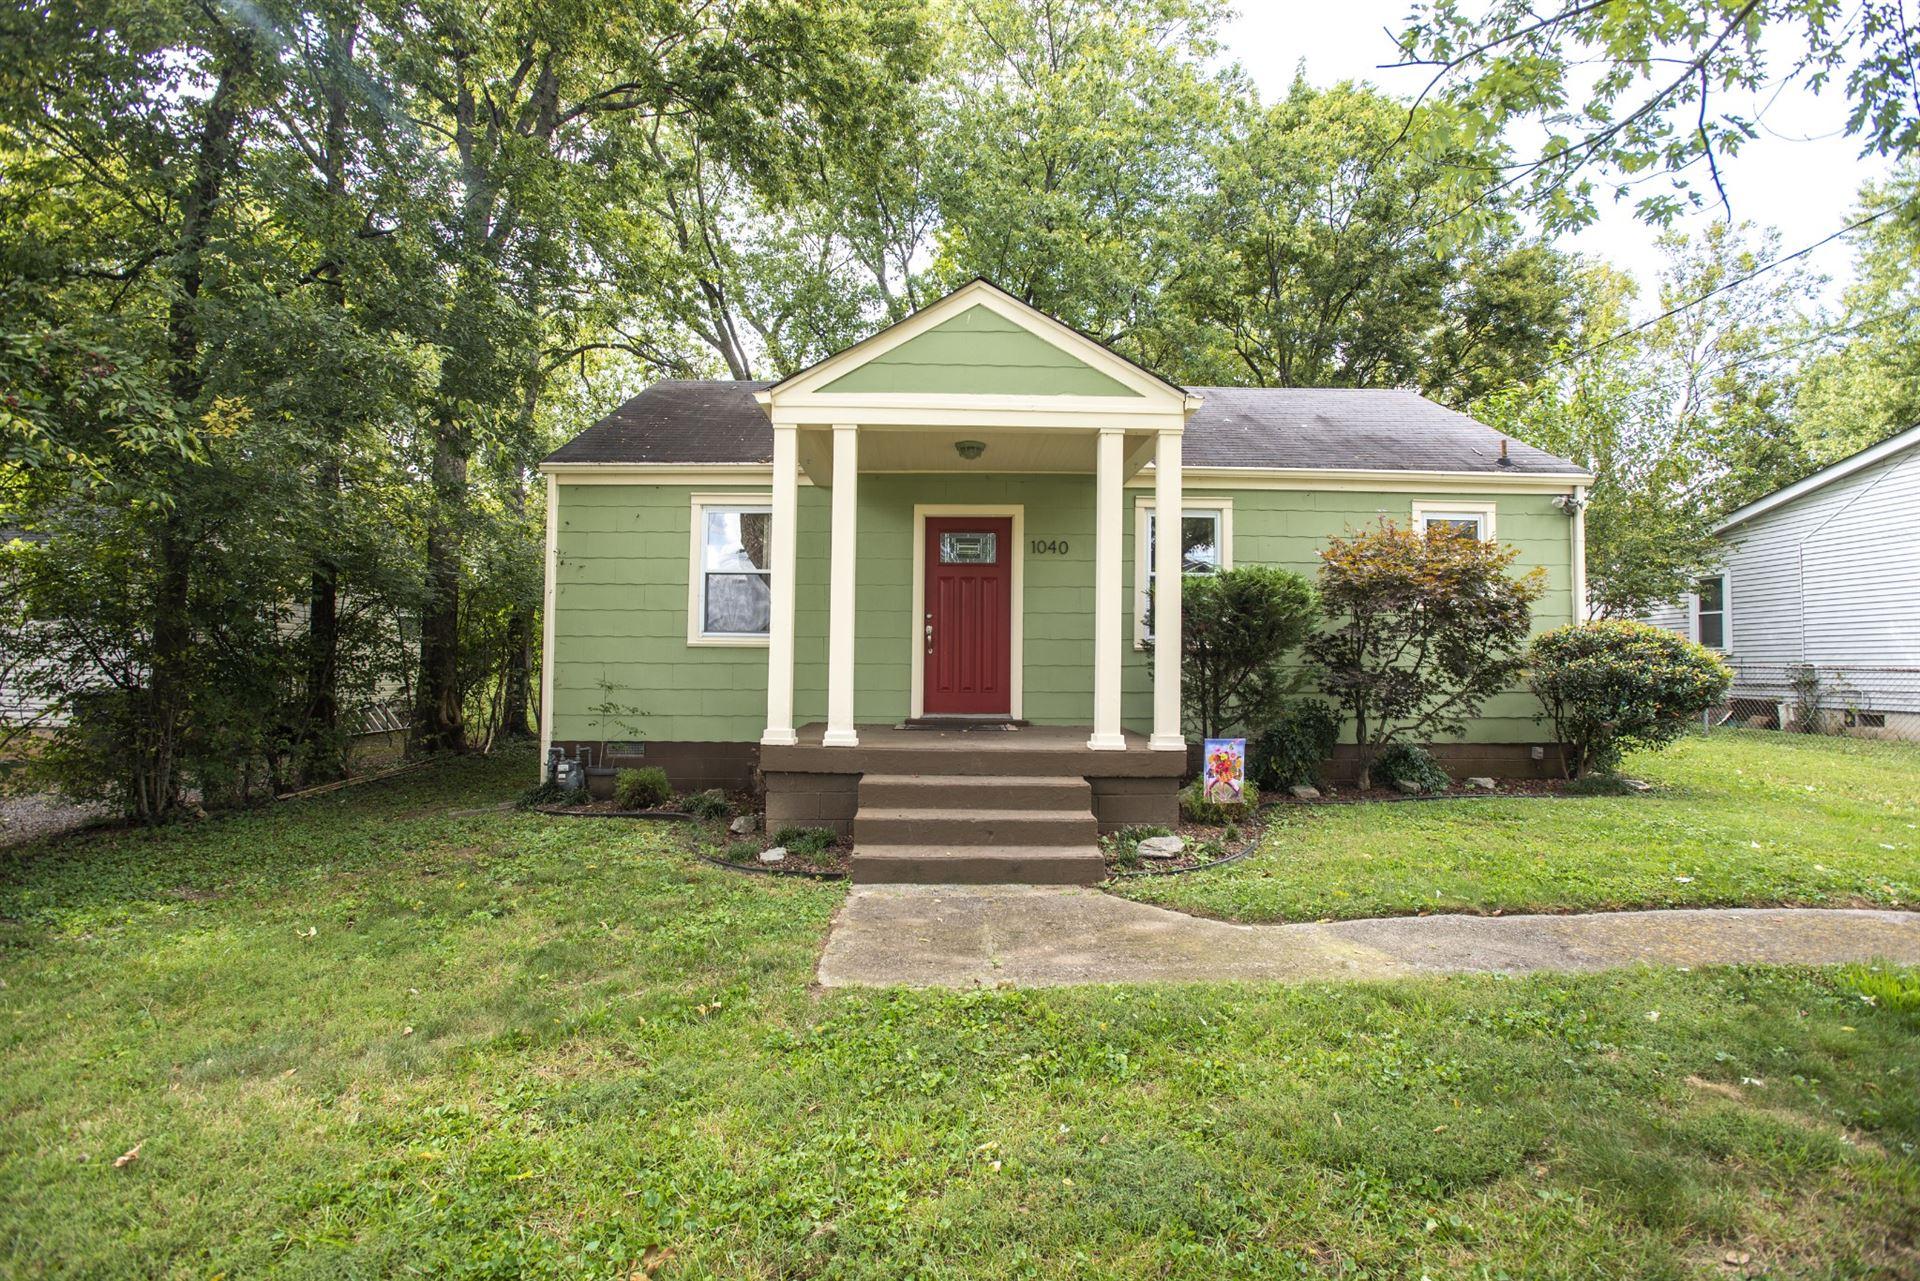 1040 Horseshoe Dr, Nashville, TN 37216 - MLS#: 2194487